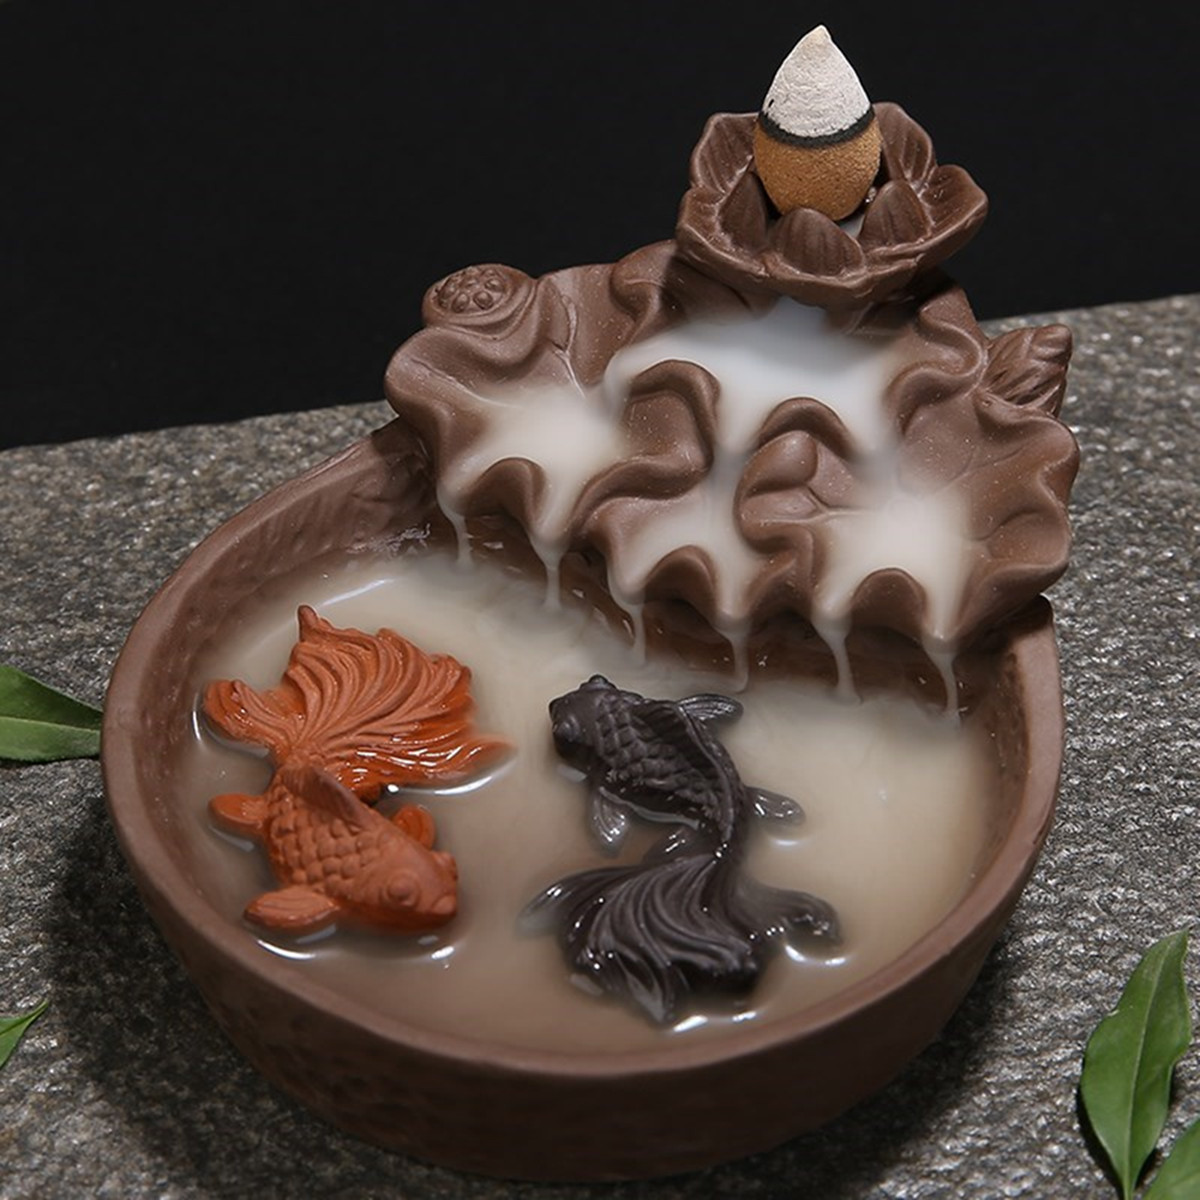 Fish Porcelain Backflow Incense Burner Ceramic Holder Buddhist For Home Office Walmart Com Walmart Com